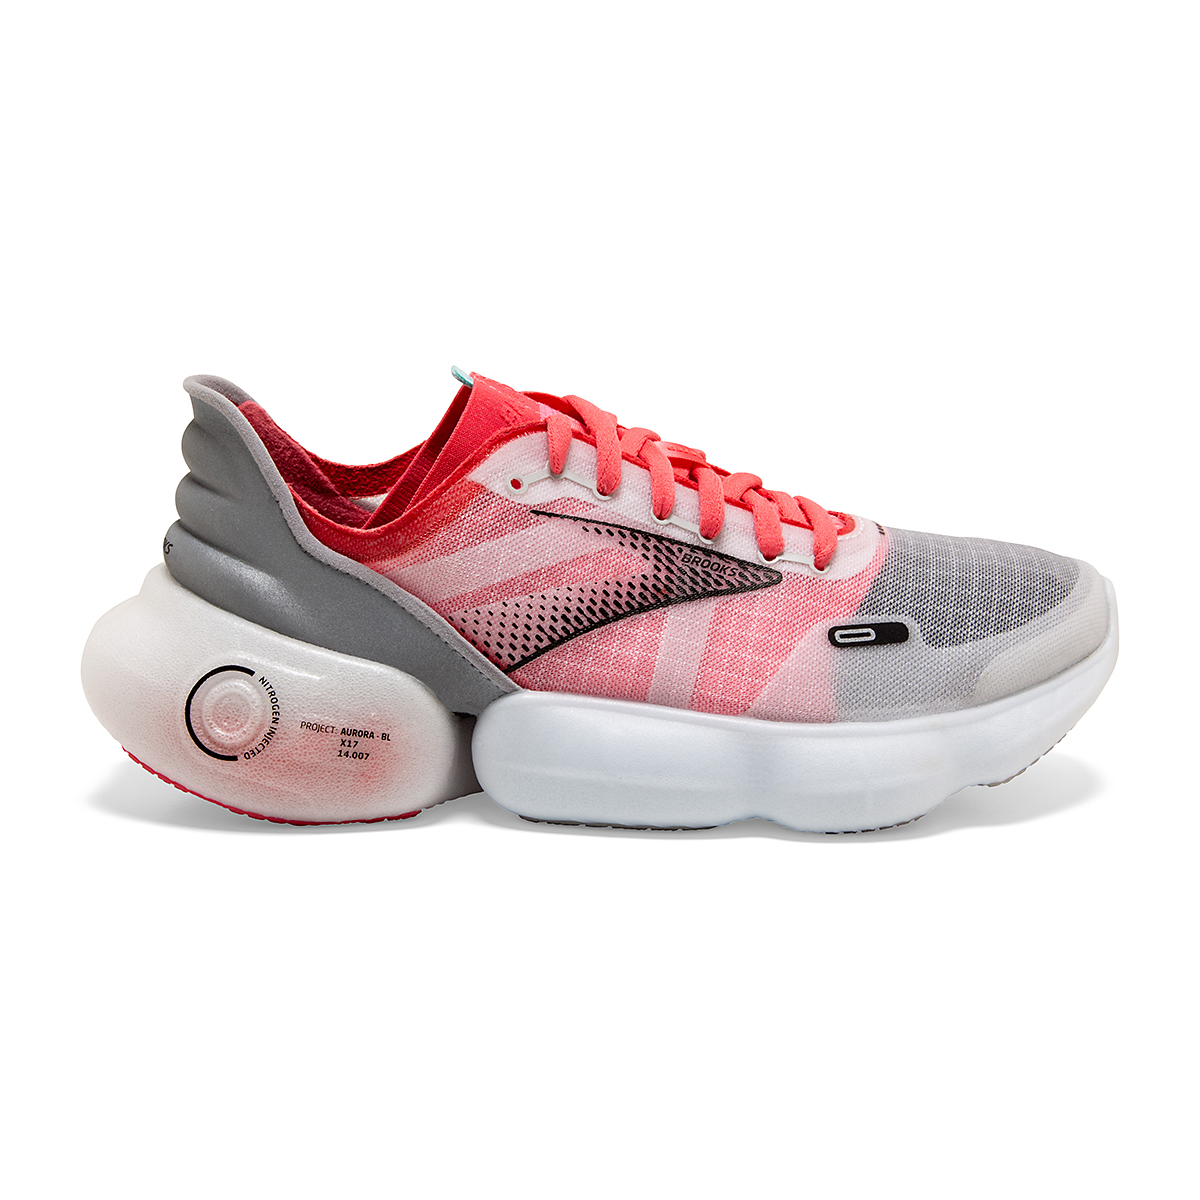 Women's Brooks Aurora-BL Running Shoe - Color: Grey/Coral/Black - Size: 5 - Width: Regular, Grey/Coral/Black, large, image 1